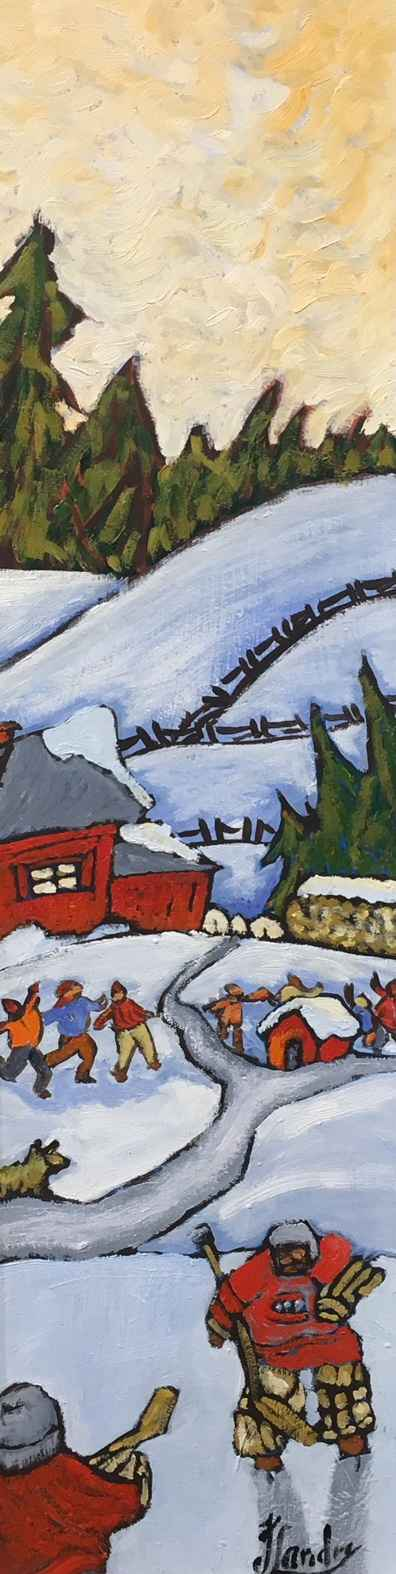 Retour de L'Ecole Enc... by Ms Johane Landry - Masterpiece Online